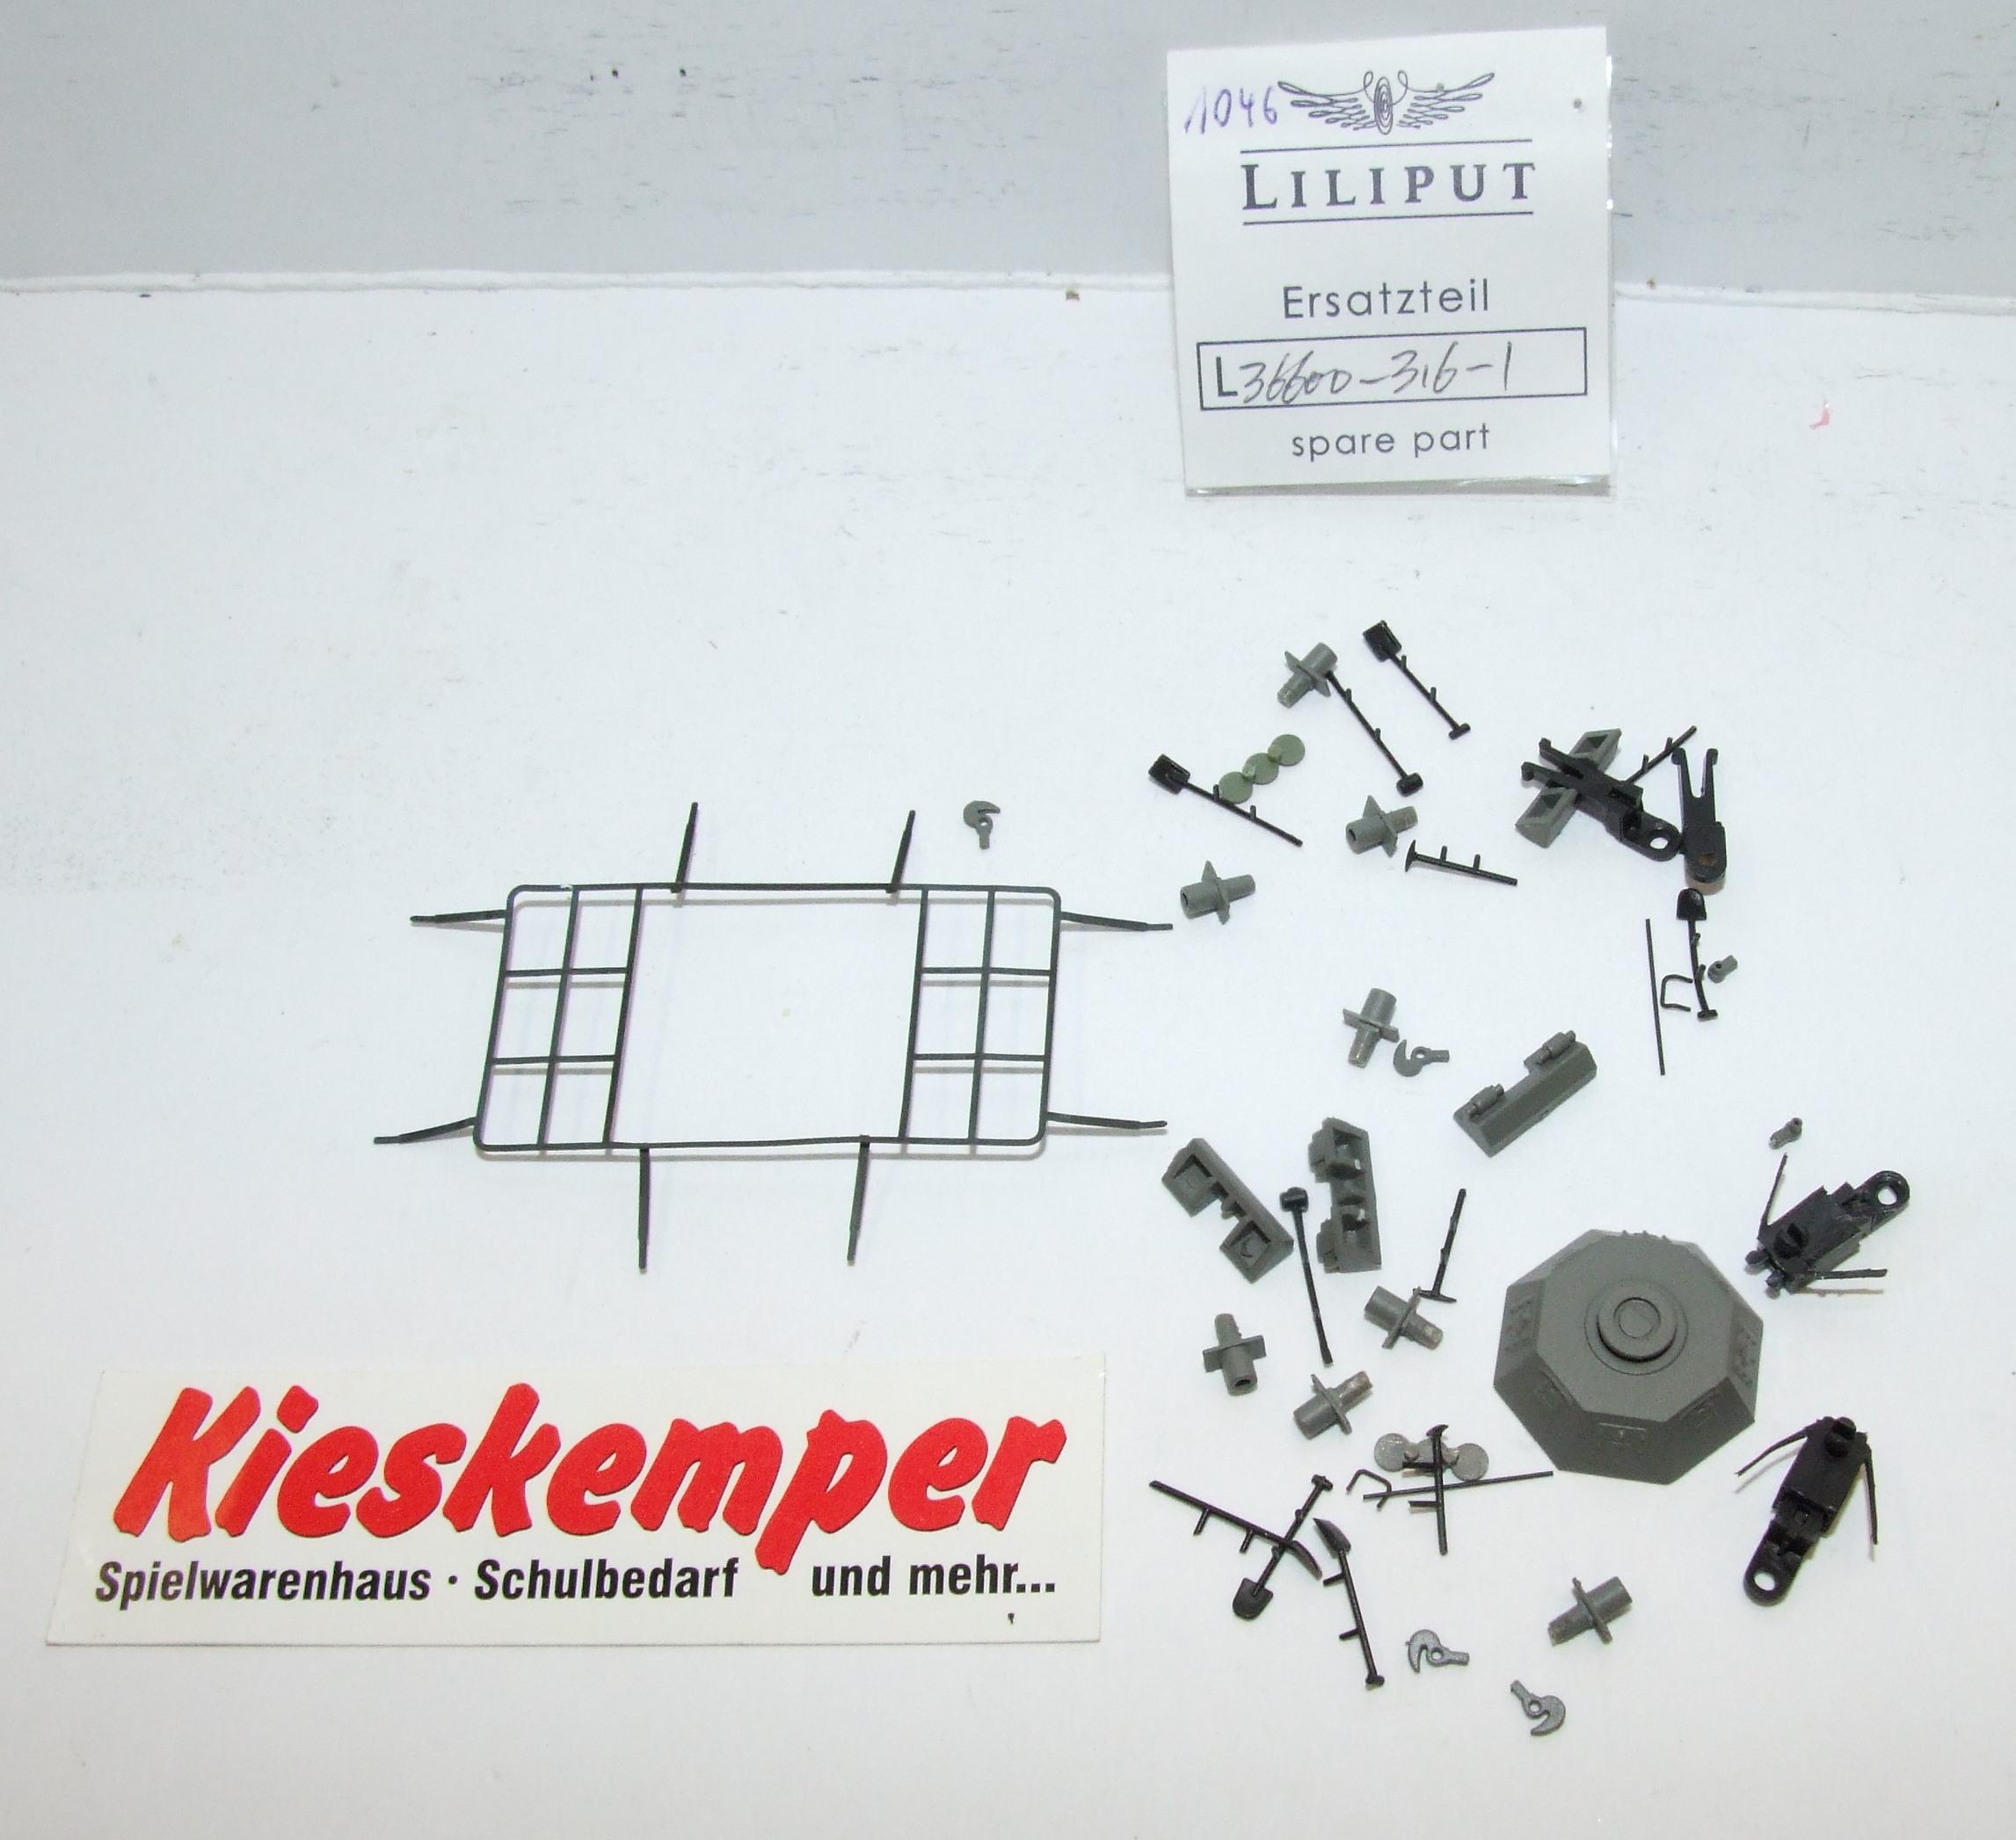 LO1046 Liliput H0 L 366003161 Gehäuse Aufsteckteile Rahmenantenne  Ersatzteil für Panzer Zug Wehrmacht